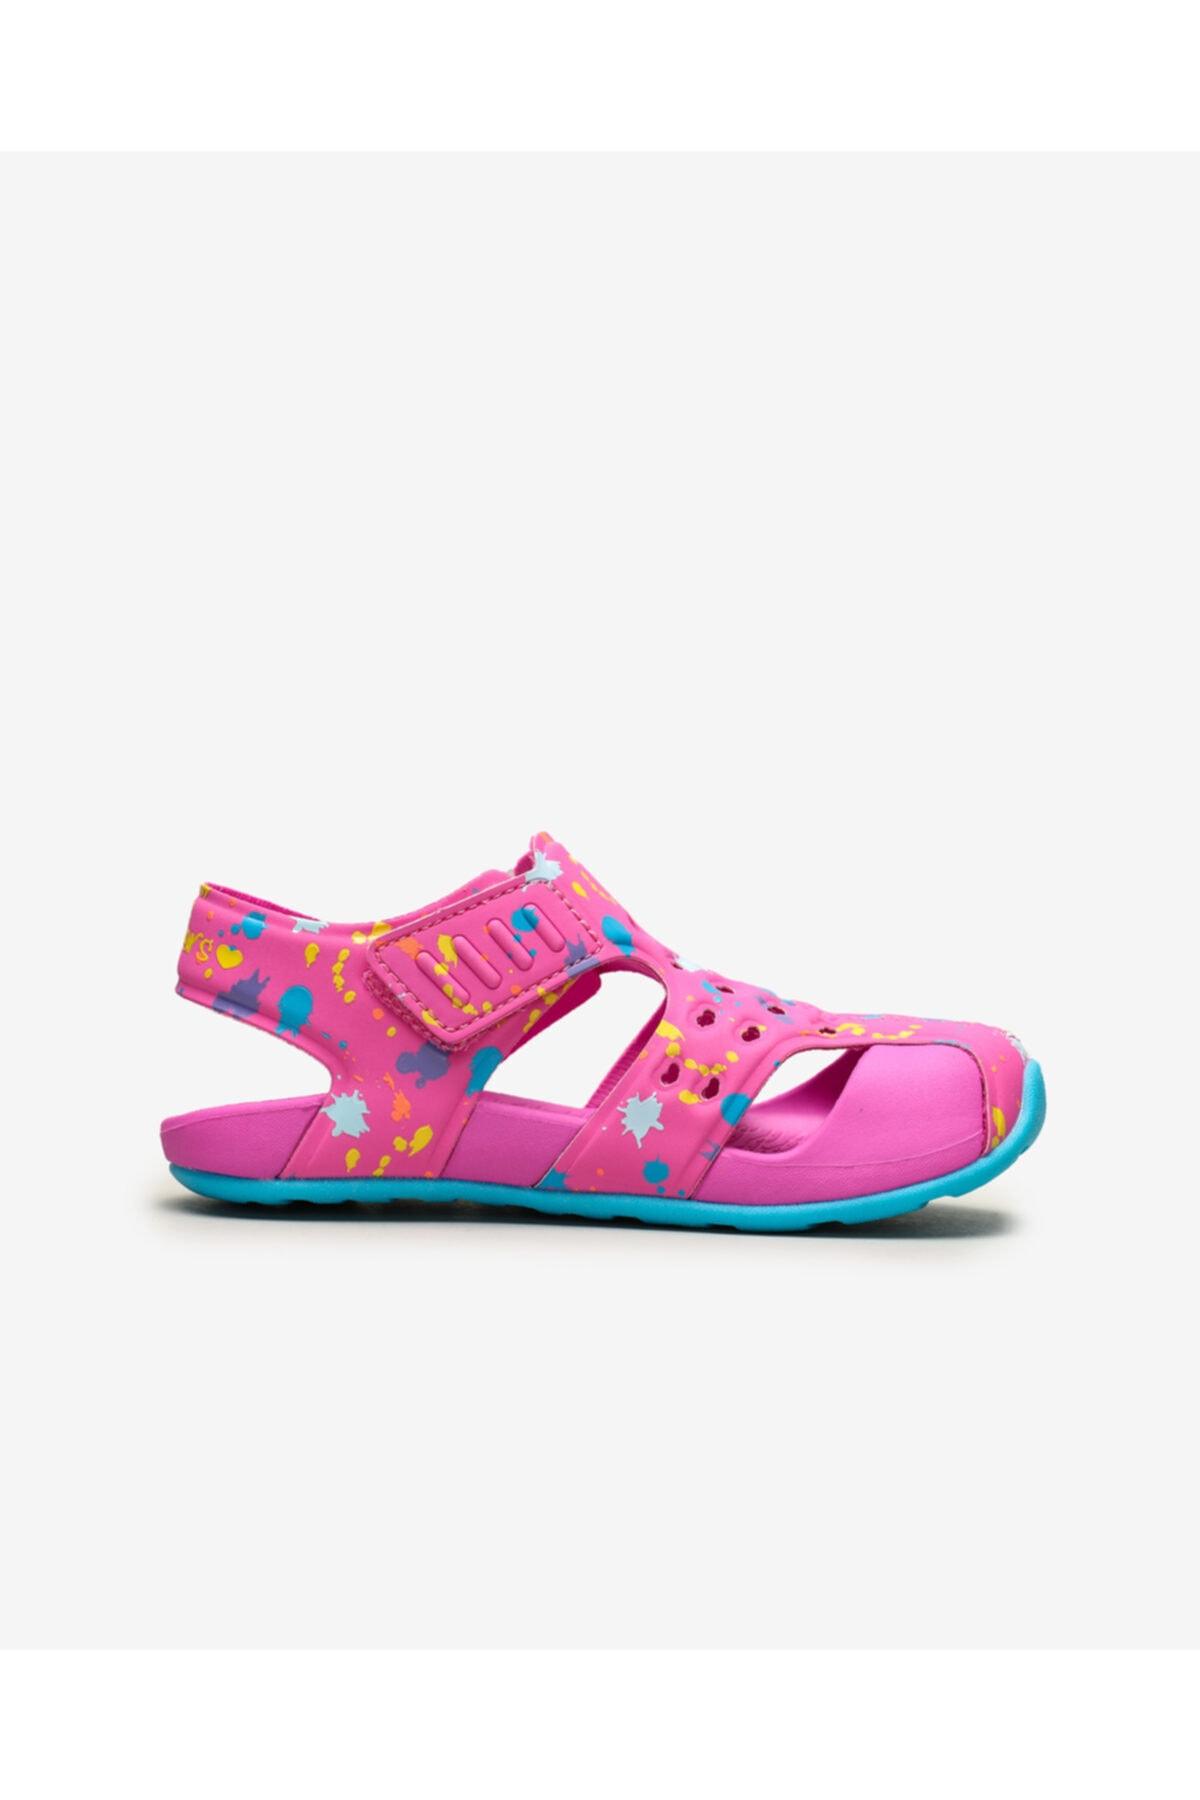 SKECHERS SIDE WAVE - Büyük Kız Çocuk Pembe Sandalet 2